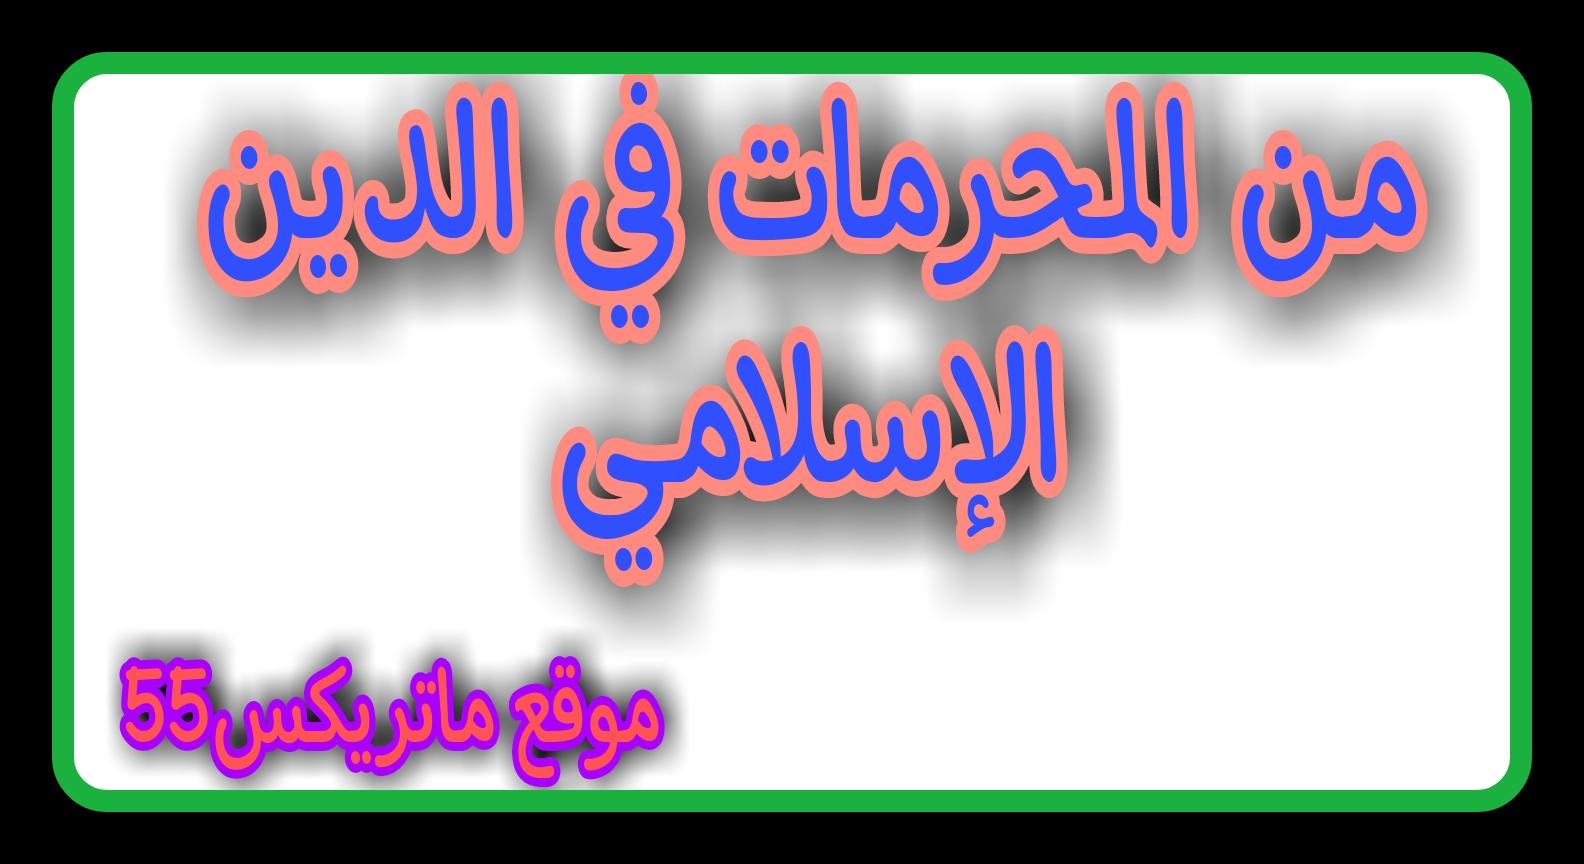 المحرمات في دين الاسلام | المحرمات في الفقه الإسلامي | من المحرمات في الاسلام